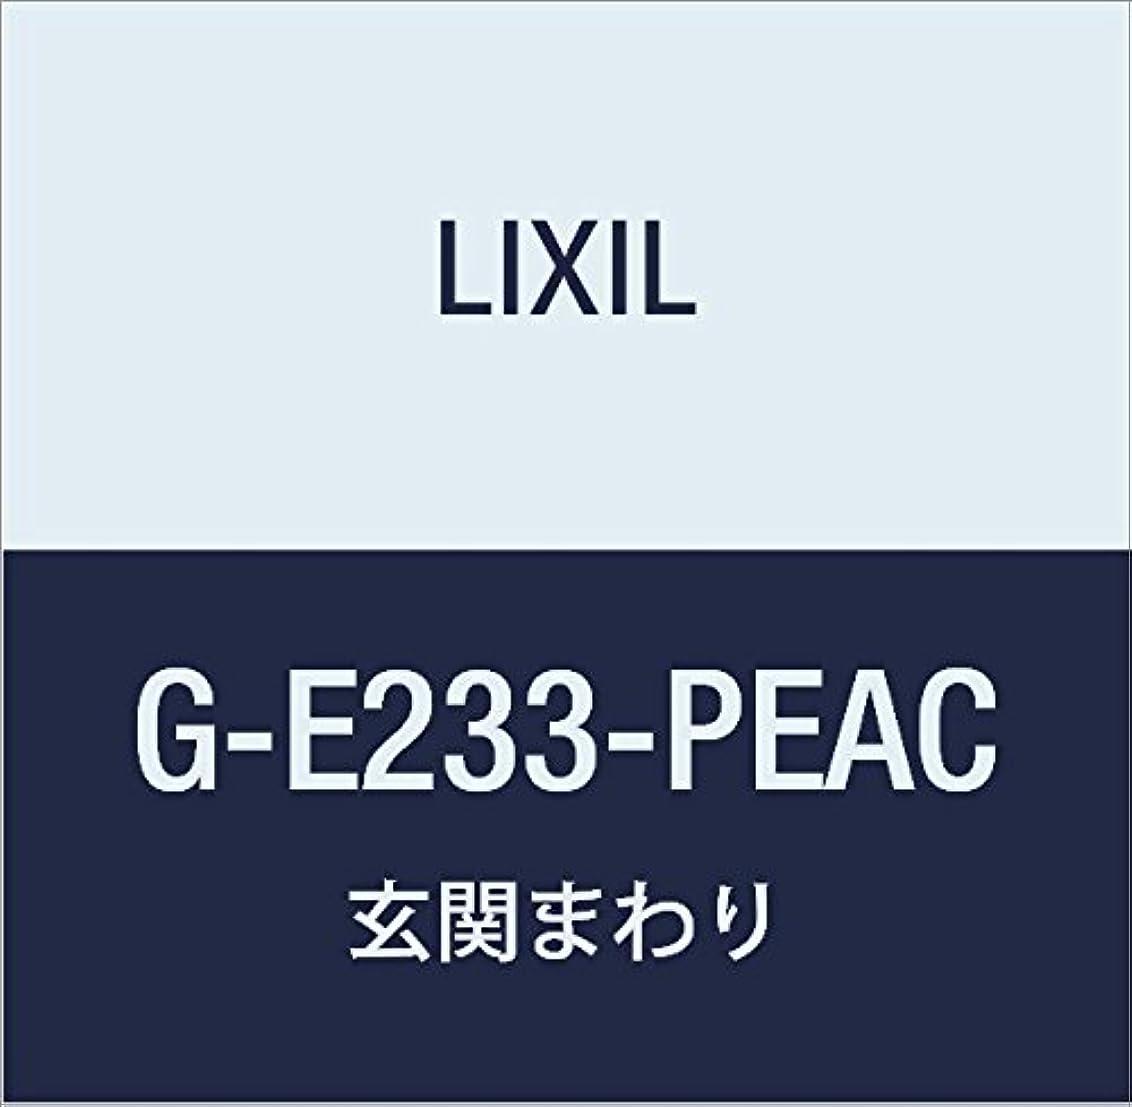 置くためにパック印象的な割り当てLIXIL(リクシル) TOEX TGG引戸縦枠セットスリム袖付2枚引内観左MH26戸先錠用 G-E233-PEAC